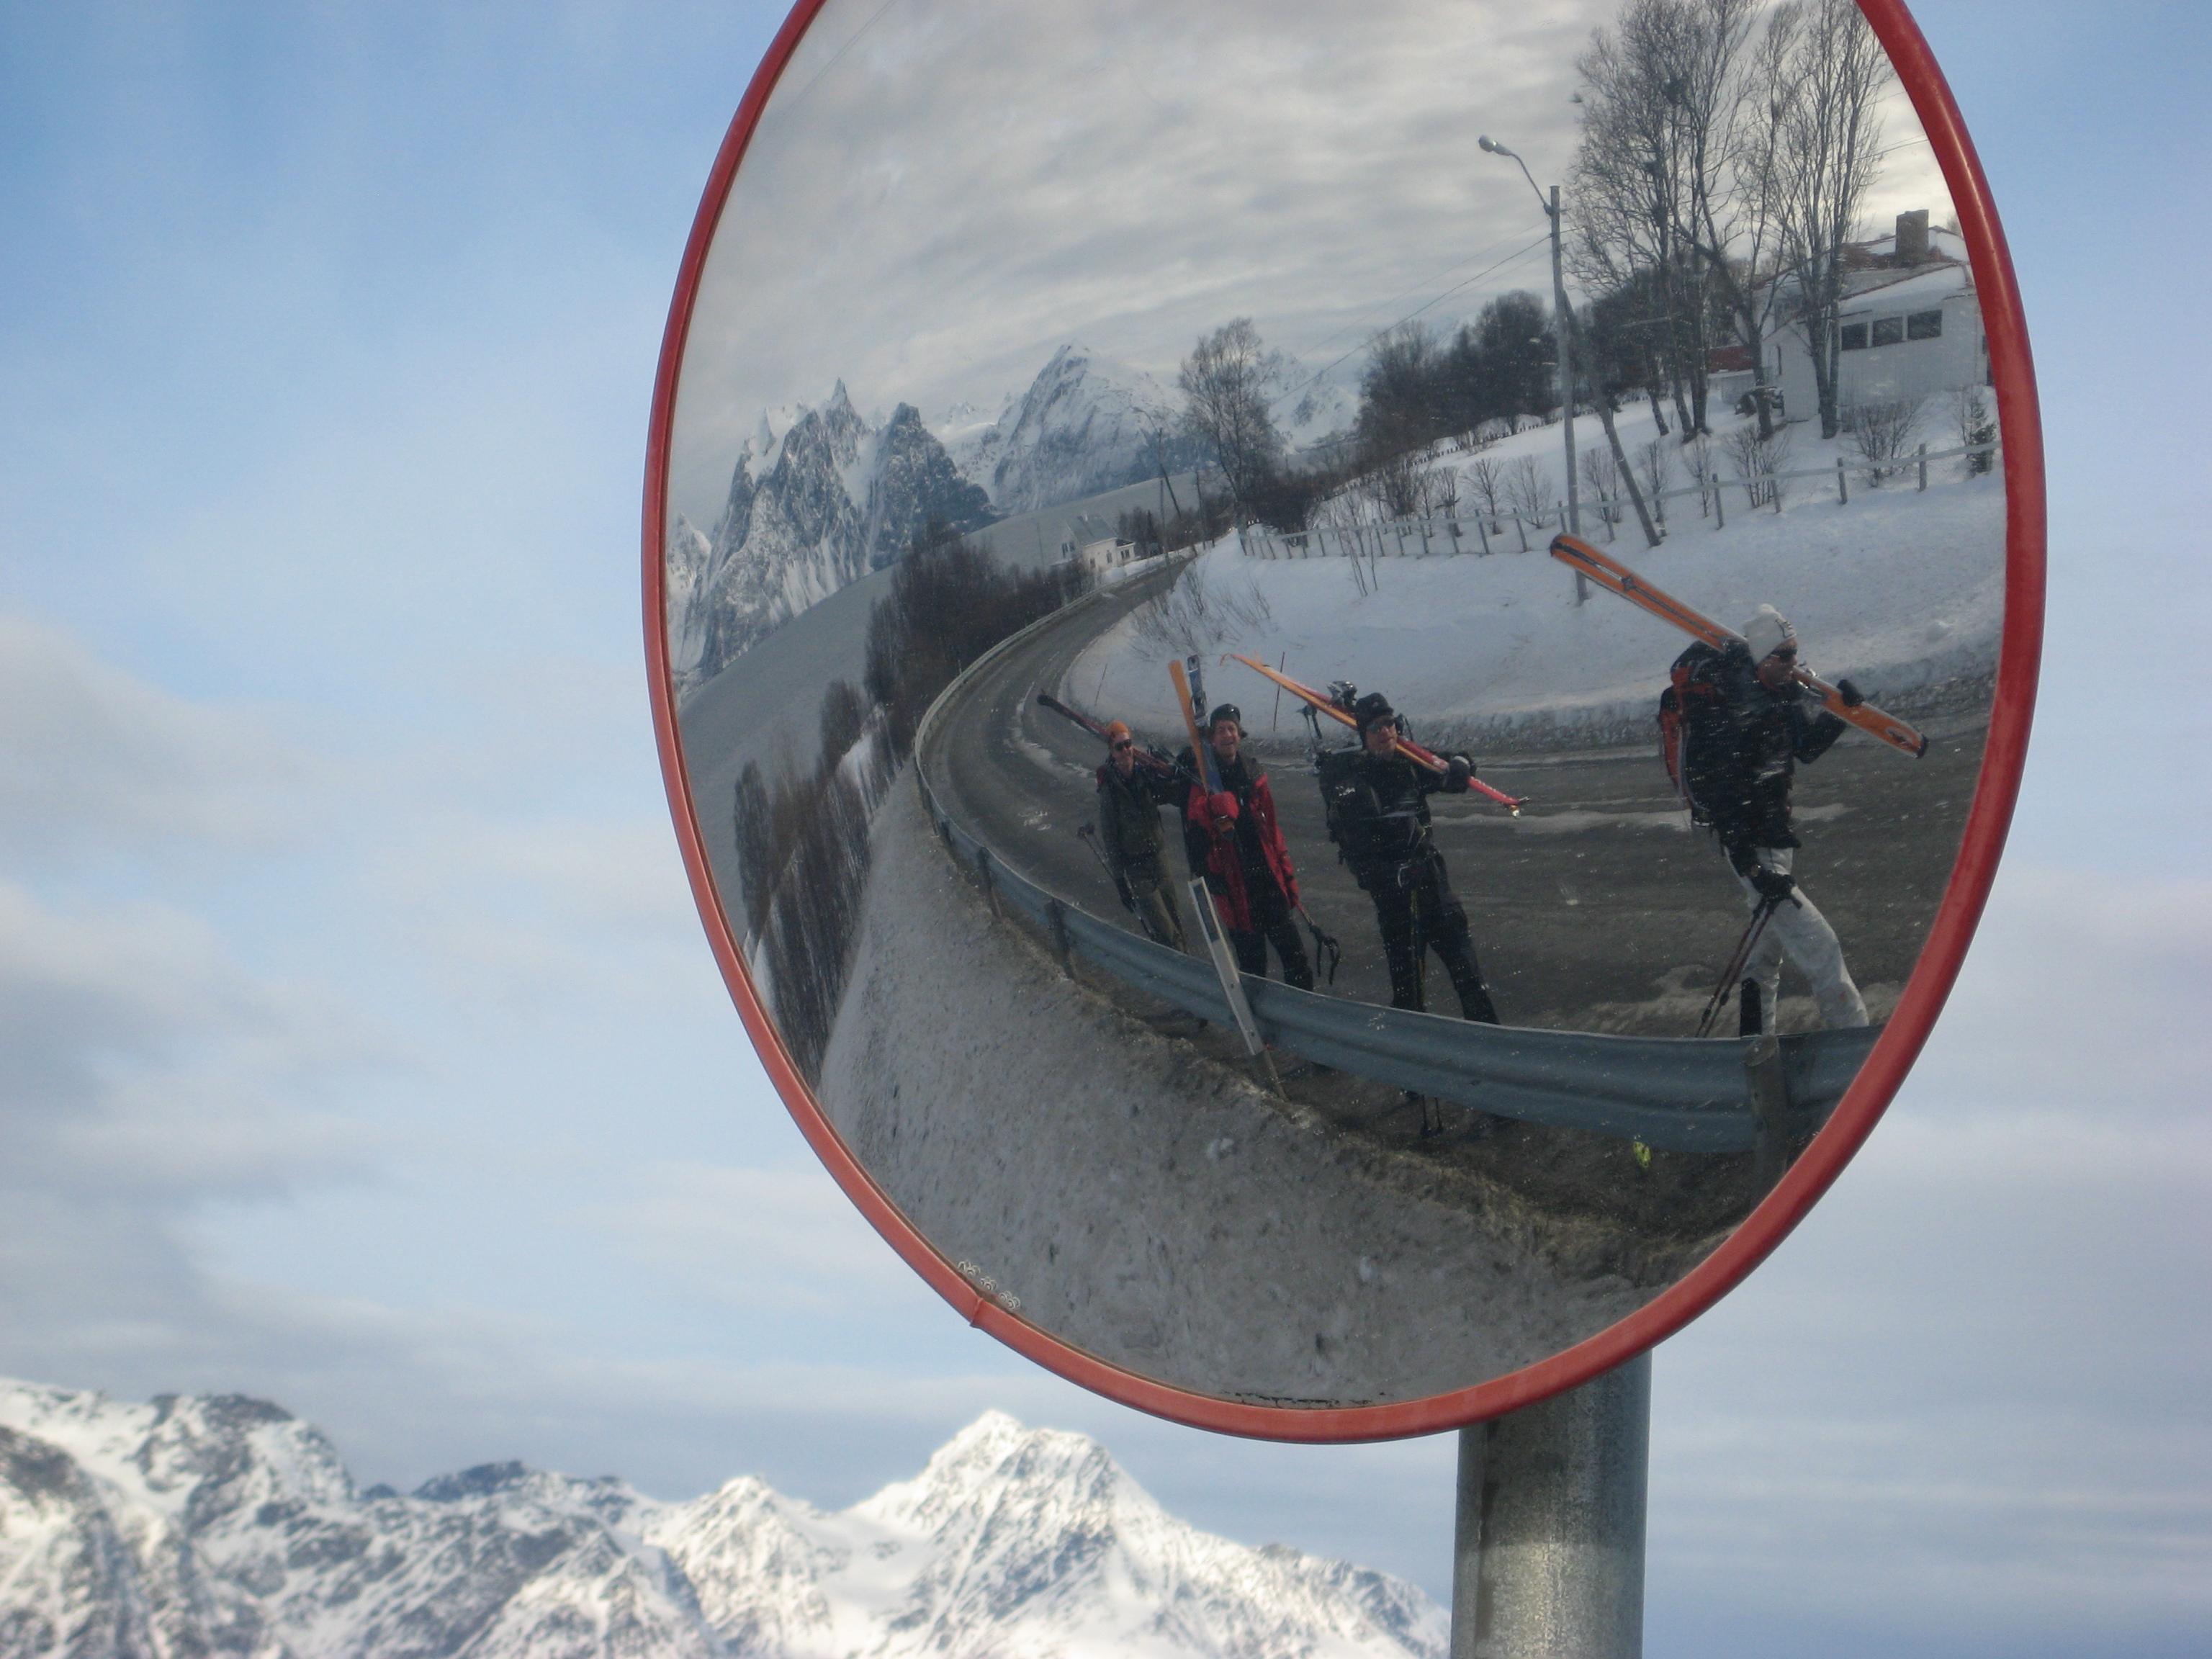 På veien på jakt etter sneen